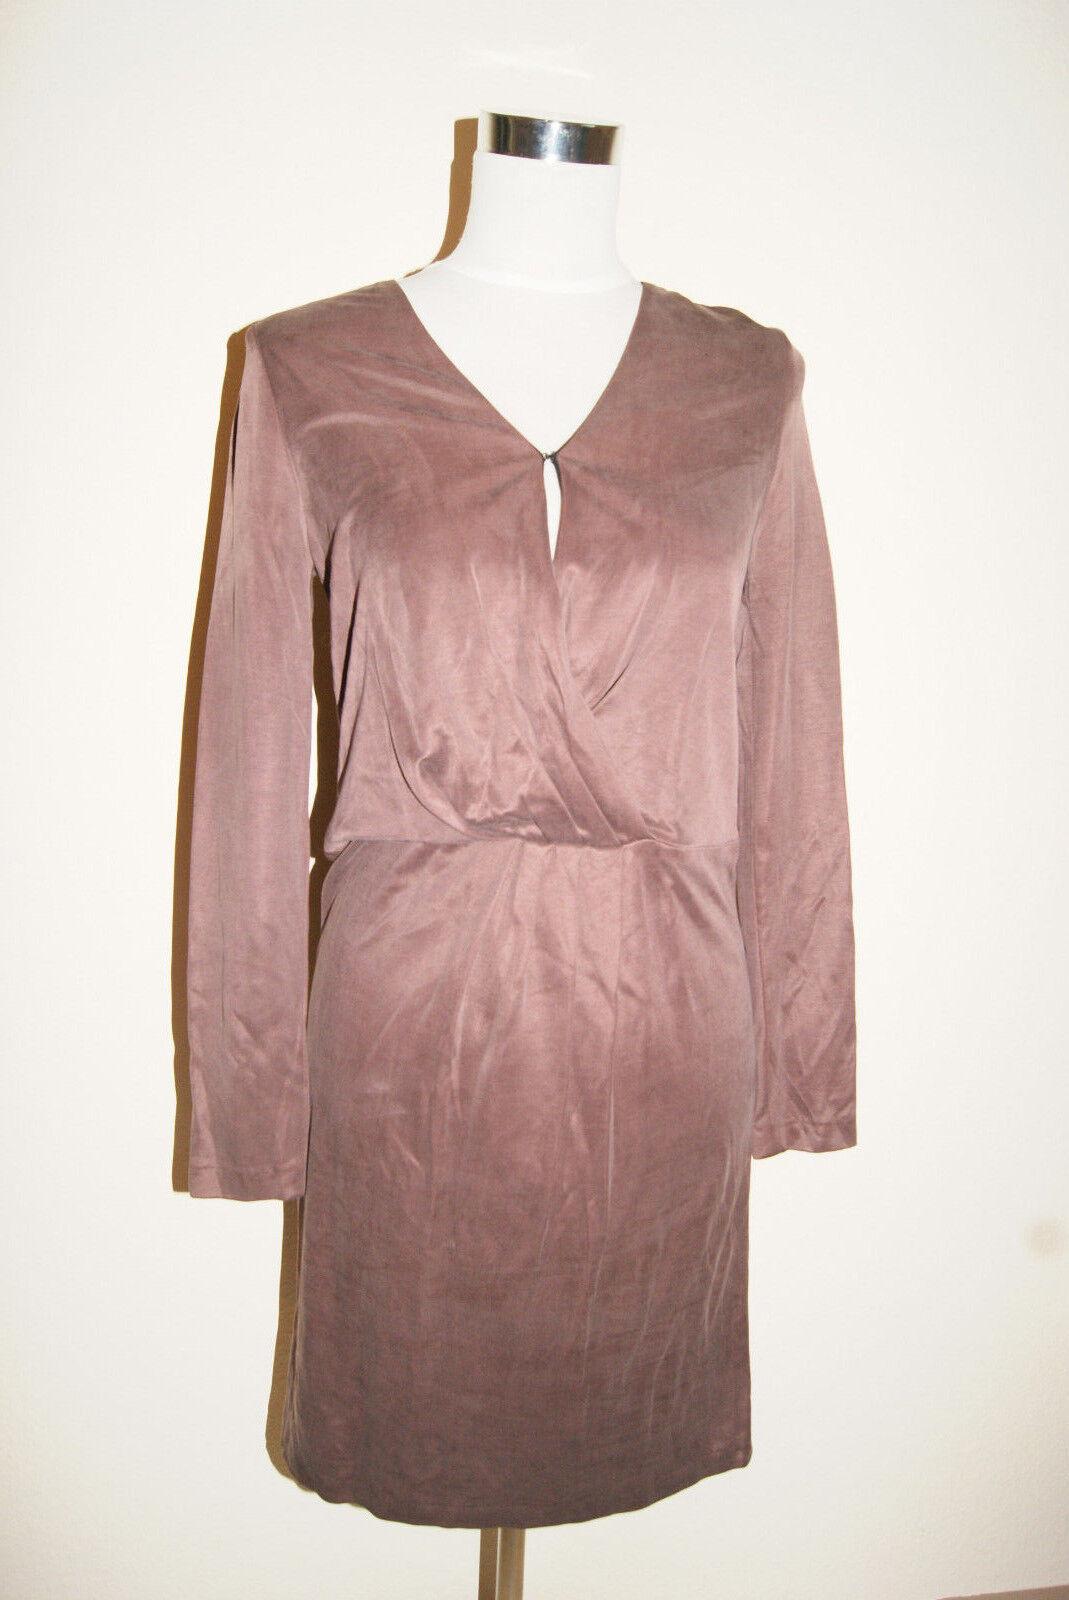 SET Kleid Gr. 36 S OUISET Oui Businesskleid Abendkleid Wickelkleid-Look NEU